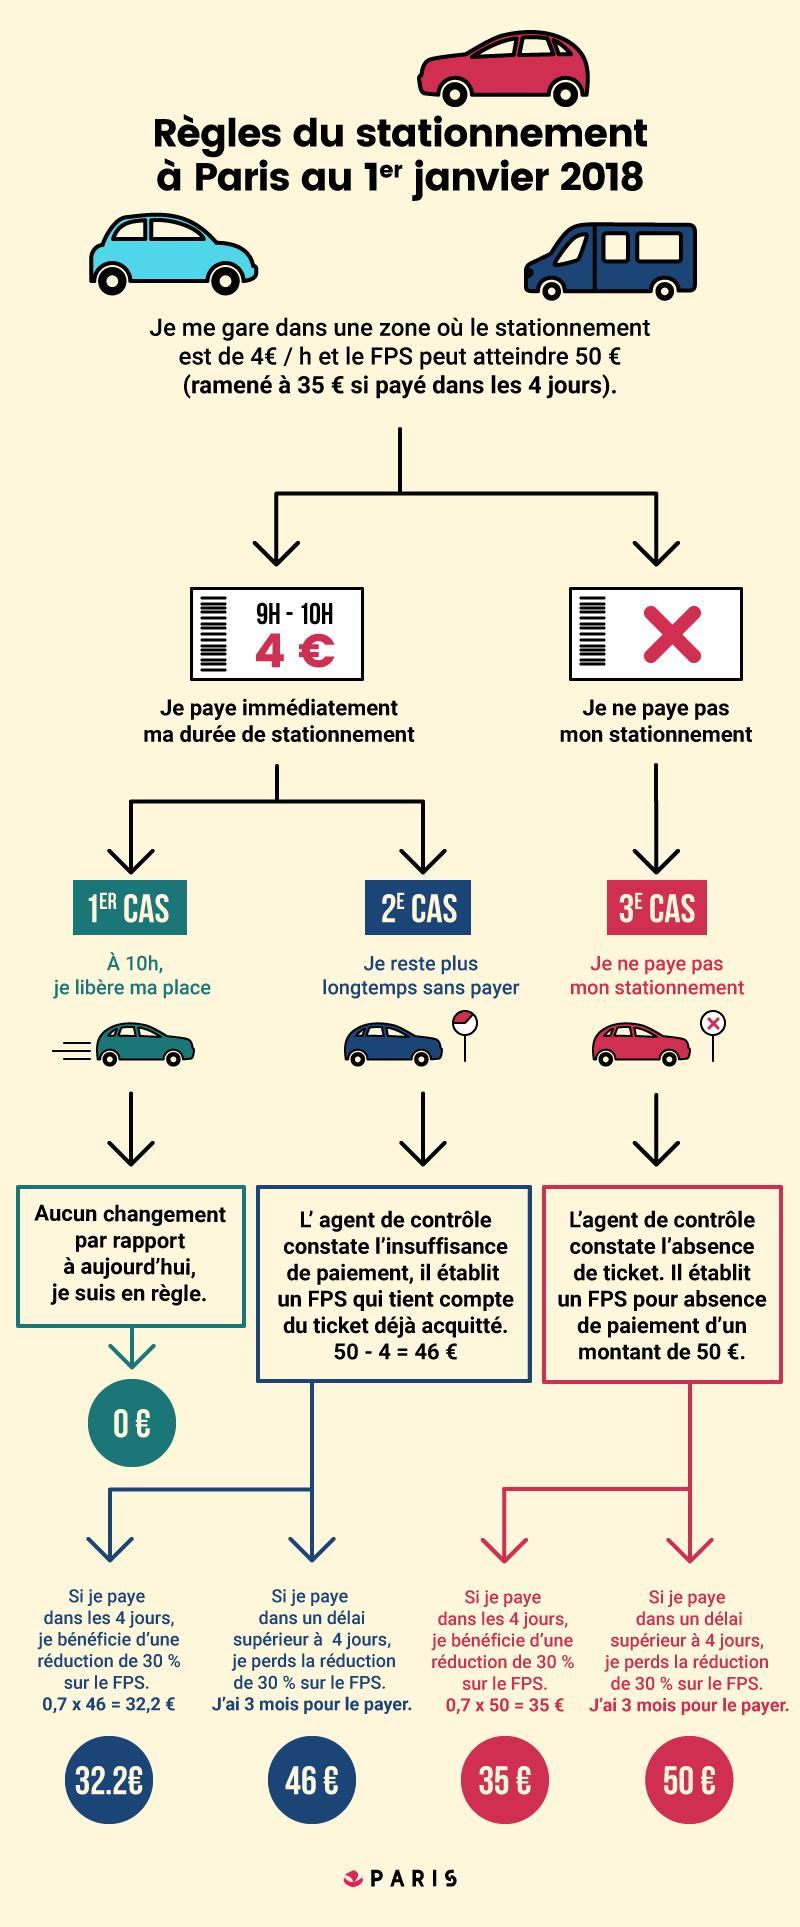 Règles du stationnement à Paris au 1er janvier 2018